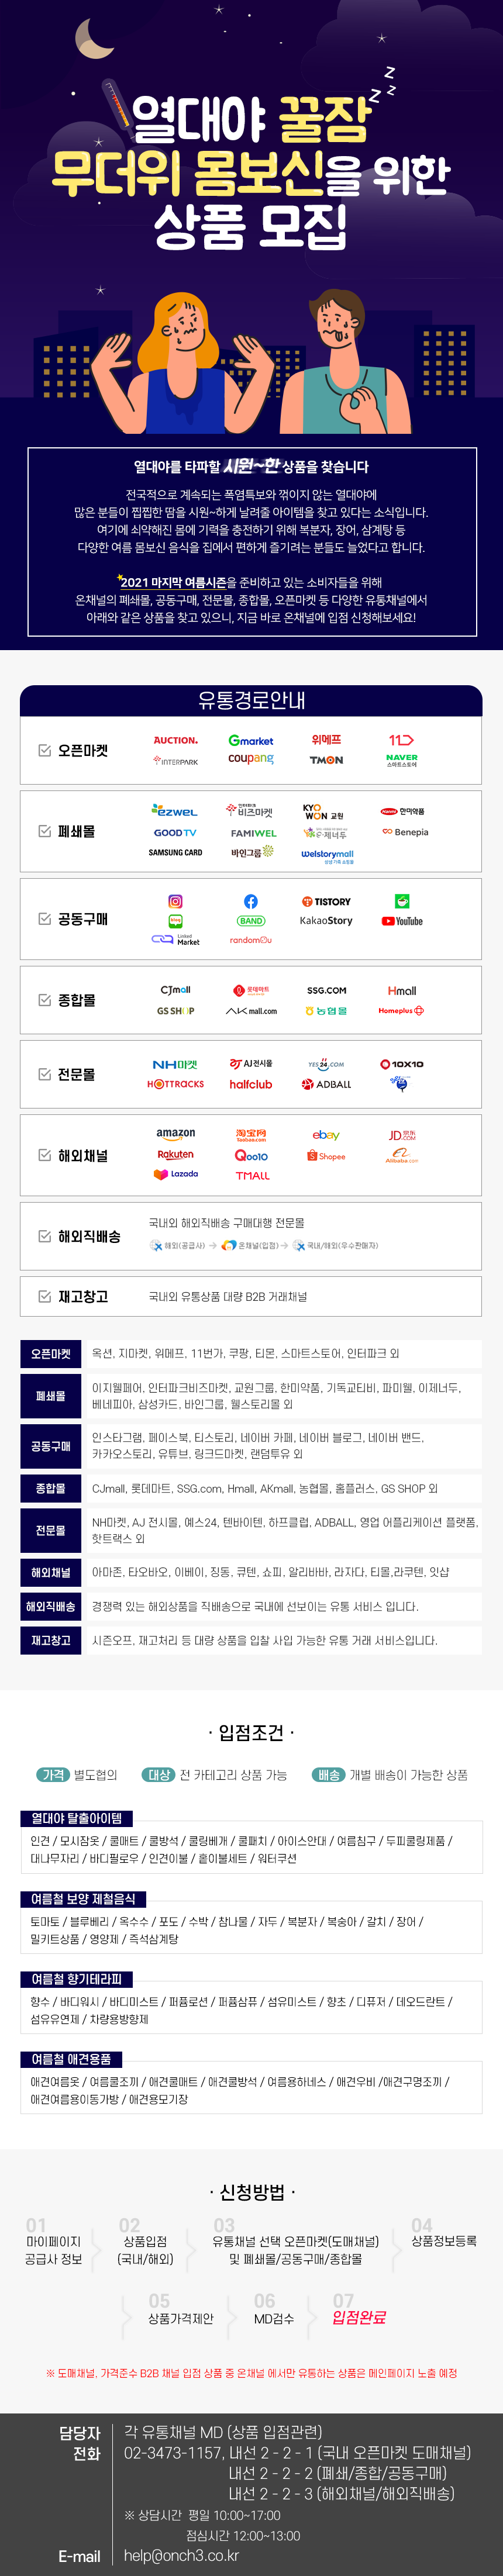 210716_8월상품모집_수정_2.png